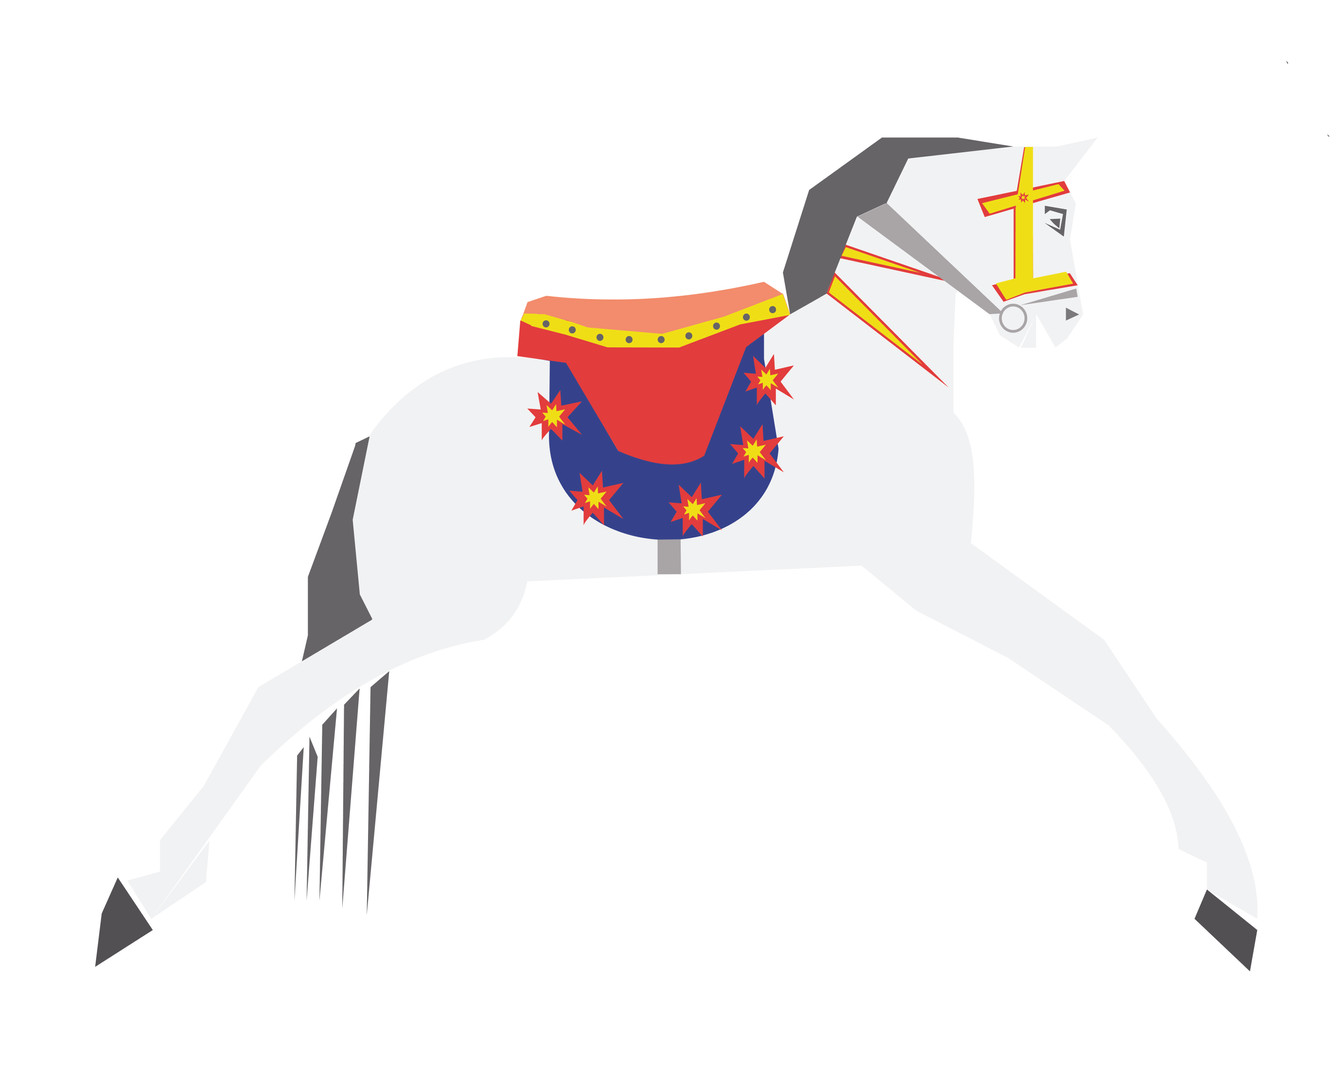 horsecorrected-01.jpg